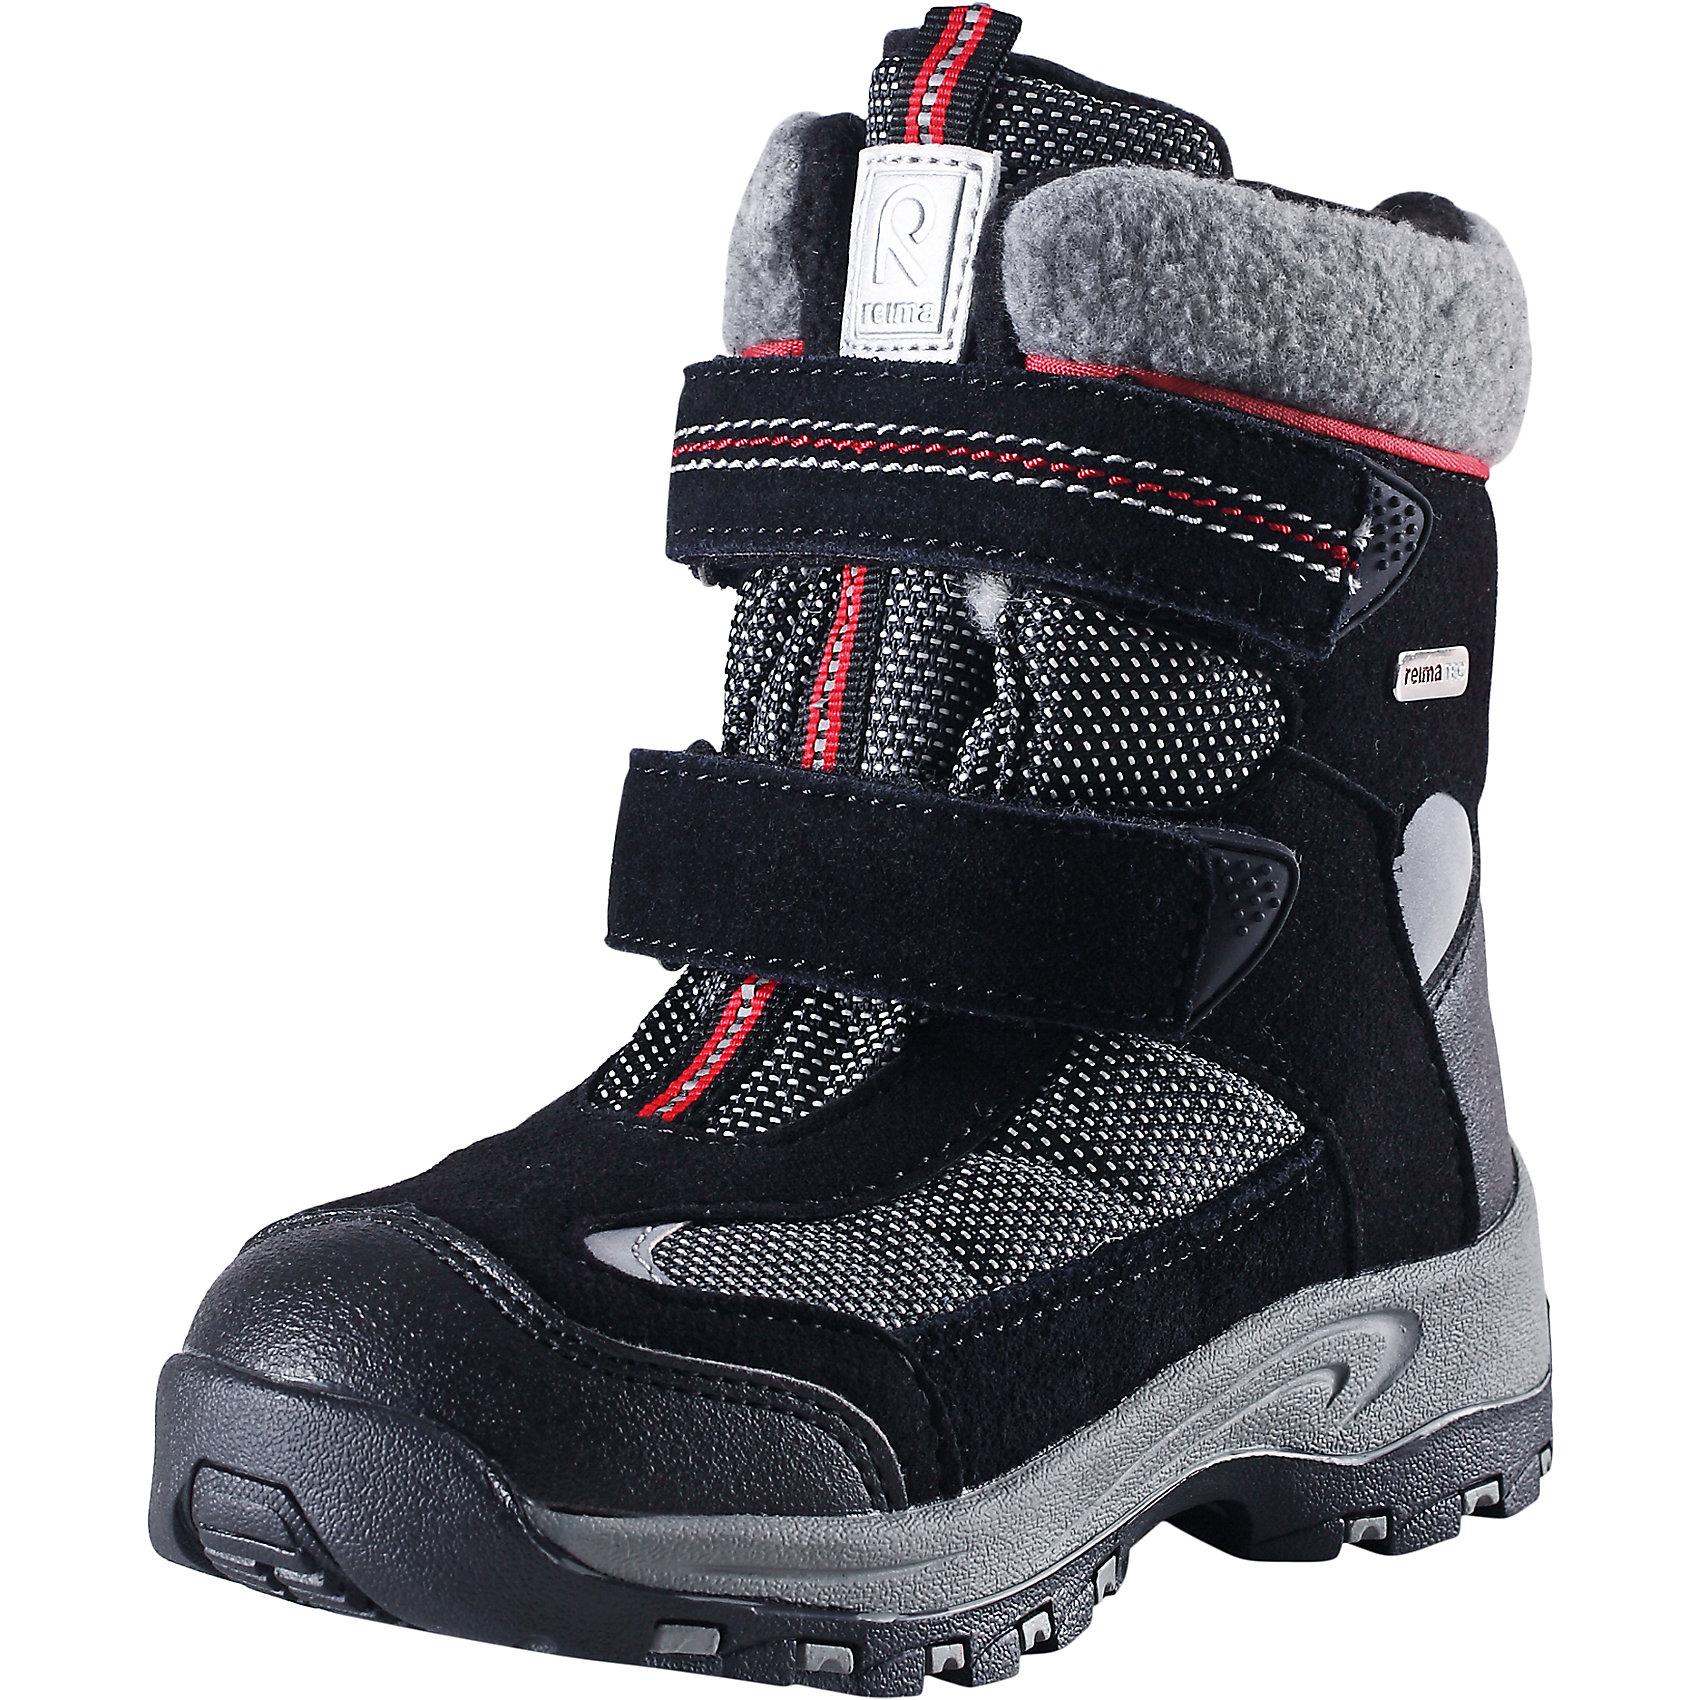 Ботинки Kinos для мальчика Reimatec® ReimaОбувь<br>Ботинки Reimatec® Reima<br>Зимние ботинки для детей. Водонепроницаемая зимняя обувь. Верх из натуральной замши (из телячьей кожи), синтетического материала и текстиля. Эластичная и прочная резиновая подошва Reima® для максимальной устойчивости. Подкладка из смеси шерсти. Съемные стельки из войлока с рисунком Happy Fit, который помогает определить размер. Простая застежка на липучке, имеющая две точки крепления. Светоотражающие детали.<br>Уход:<br>Храните обувь в вертикальном положении при комнатной температуре. Сушить обувь всегда следует при комнатной температуре: вынув съемные стельки. Стельки следует время от времени заменять на новые. Налипшую грязь можно счищать щеткой или влажной тряпкой. Перед использованием обувь рекомендуется обрабатывать специальными защитными средствами.<br>Состав:<br>Подошва: Термопластиковая резина, Верх: 80% ПЭ 20% Кожа<br><br>Ширина мм: 262<br>Глубина мм: 176<br>Высота мм: 97<br>Вес г: 427<br>Цвет: черный<br>Возраст от месяцев: 36<br>Возраст до месяцев: 48<br>Пол: Мужской<br>Возраст: Детский<br>Размер: 27,35,34,32,28,30,25,29,31,33,24,26<br>SKU: 4776994